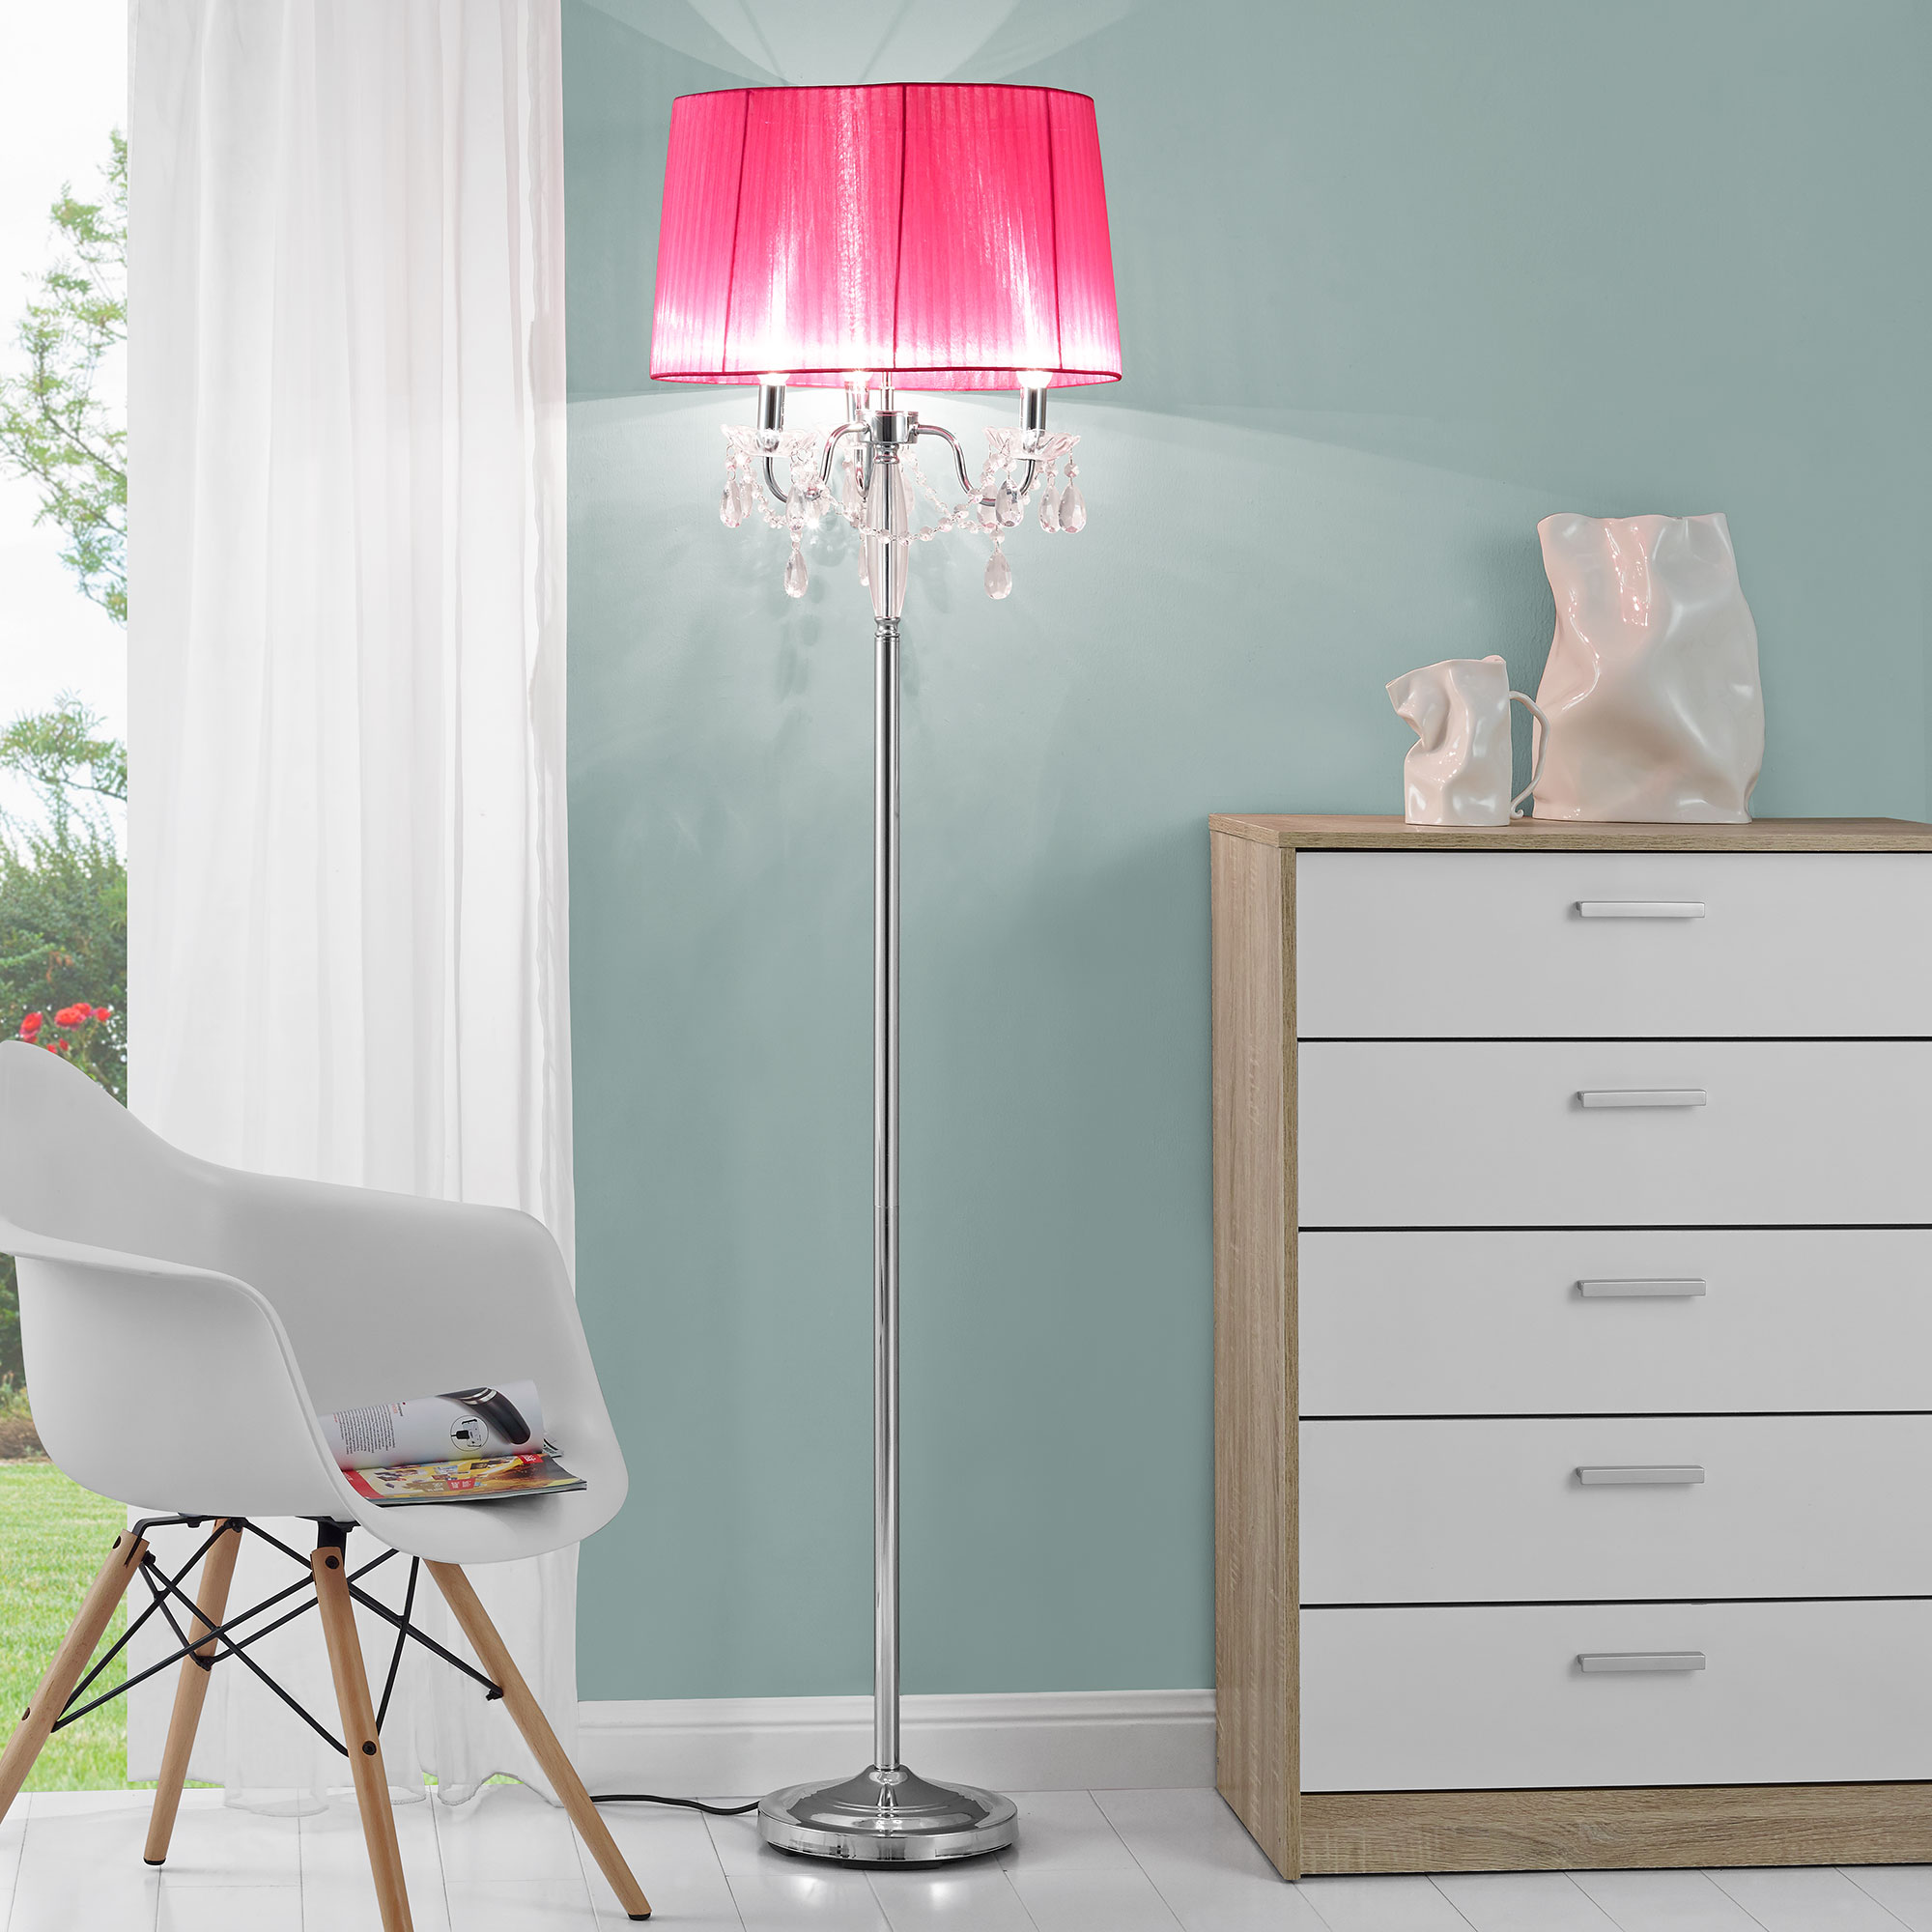 LuxproR Stehleuchte Stehlampe Lampe Wohnzimmerlampe Leuchte Standleuchte Pink